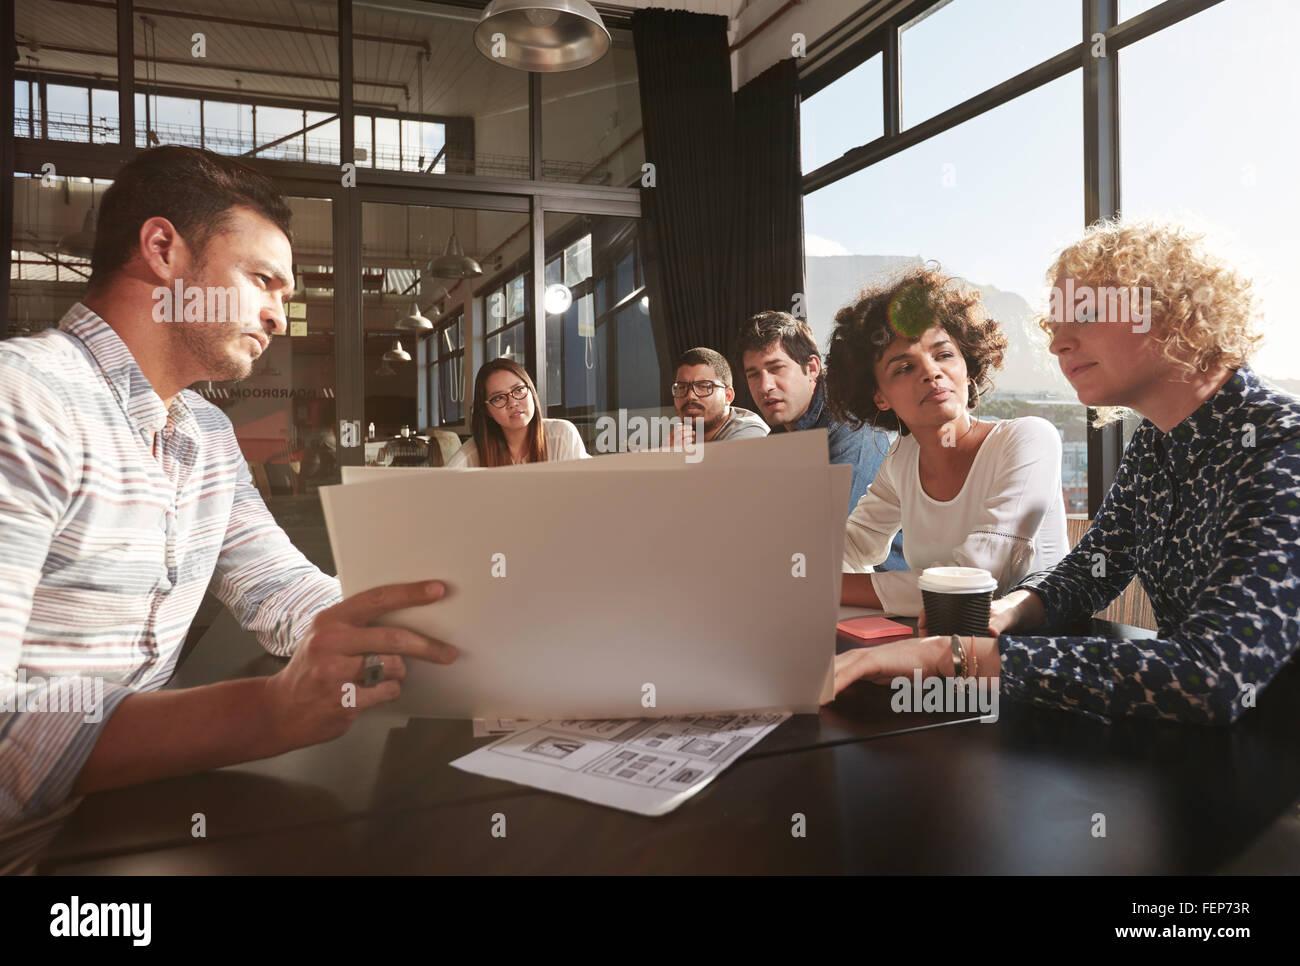 Feliz y exitoso equipo de colegas sentados juntos para elaborar planes de negocios Imagen De Stock